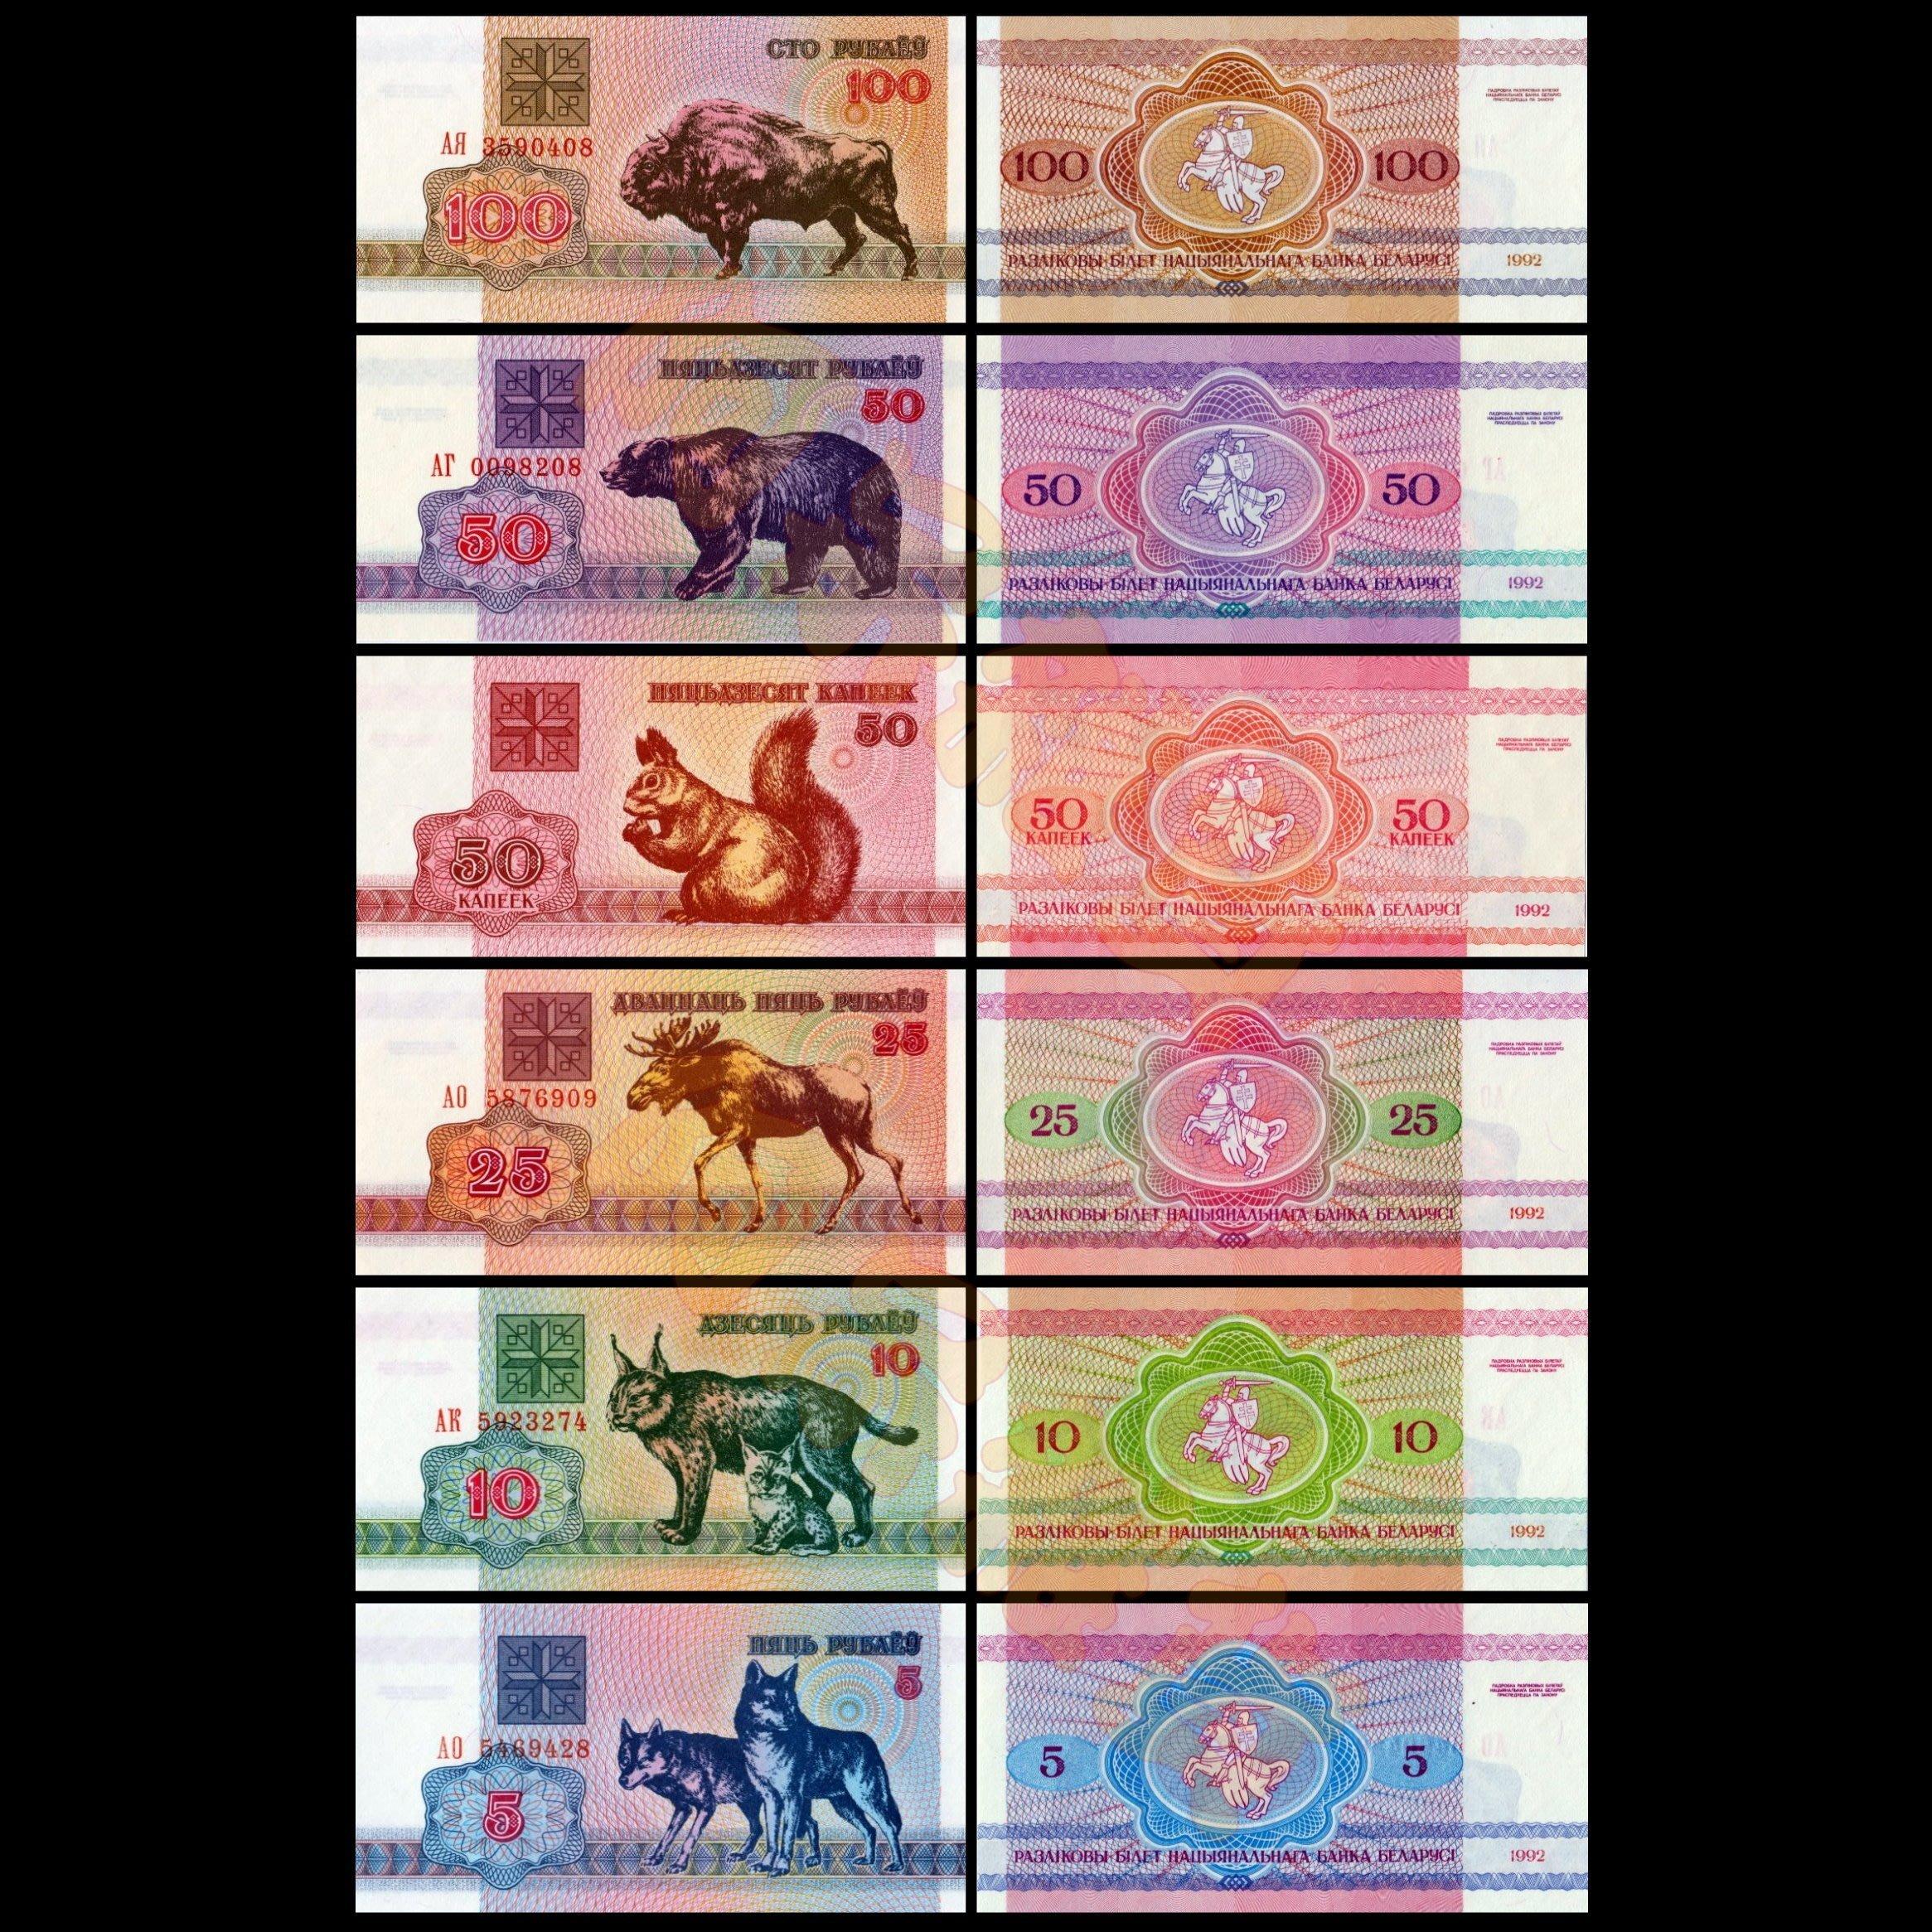 森羅本舖 現貨實拍 小票幅 6張一套 白俄羅斯 動物系列 鈔票 紙鈔 松鼠 羊 牛 熊 歐亞猞猁 野狼